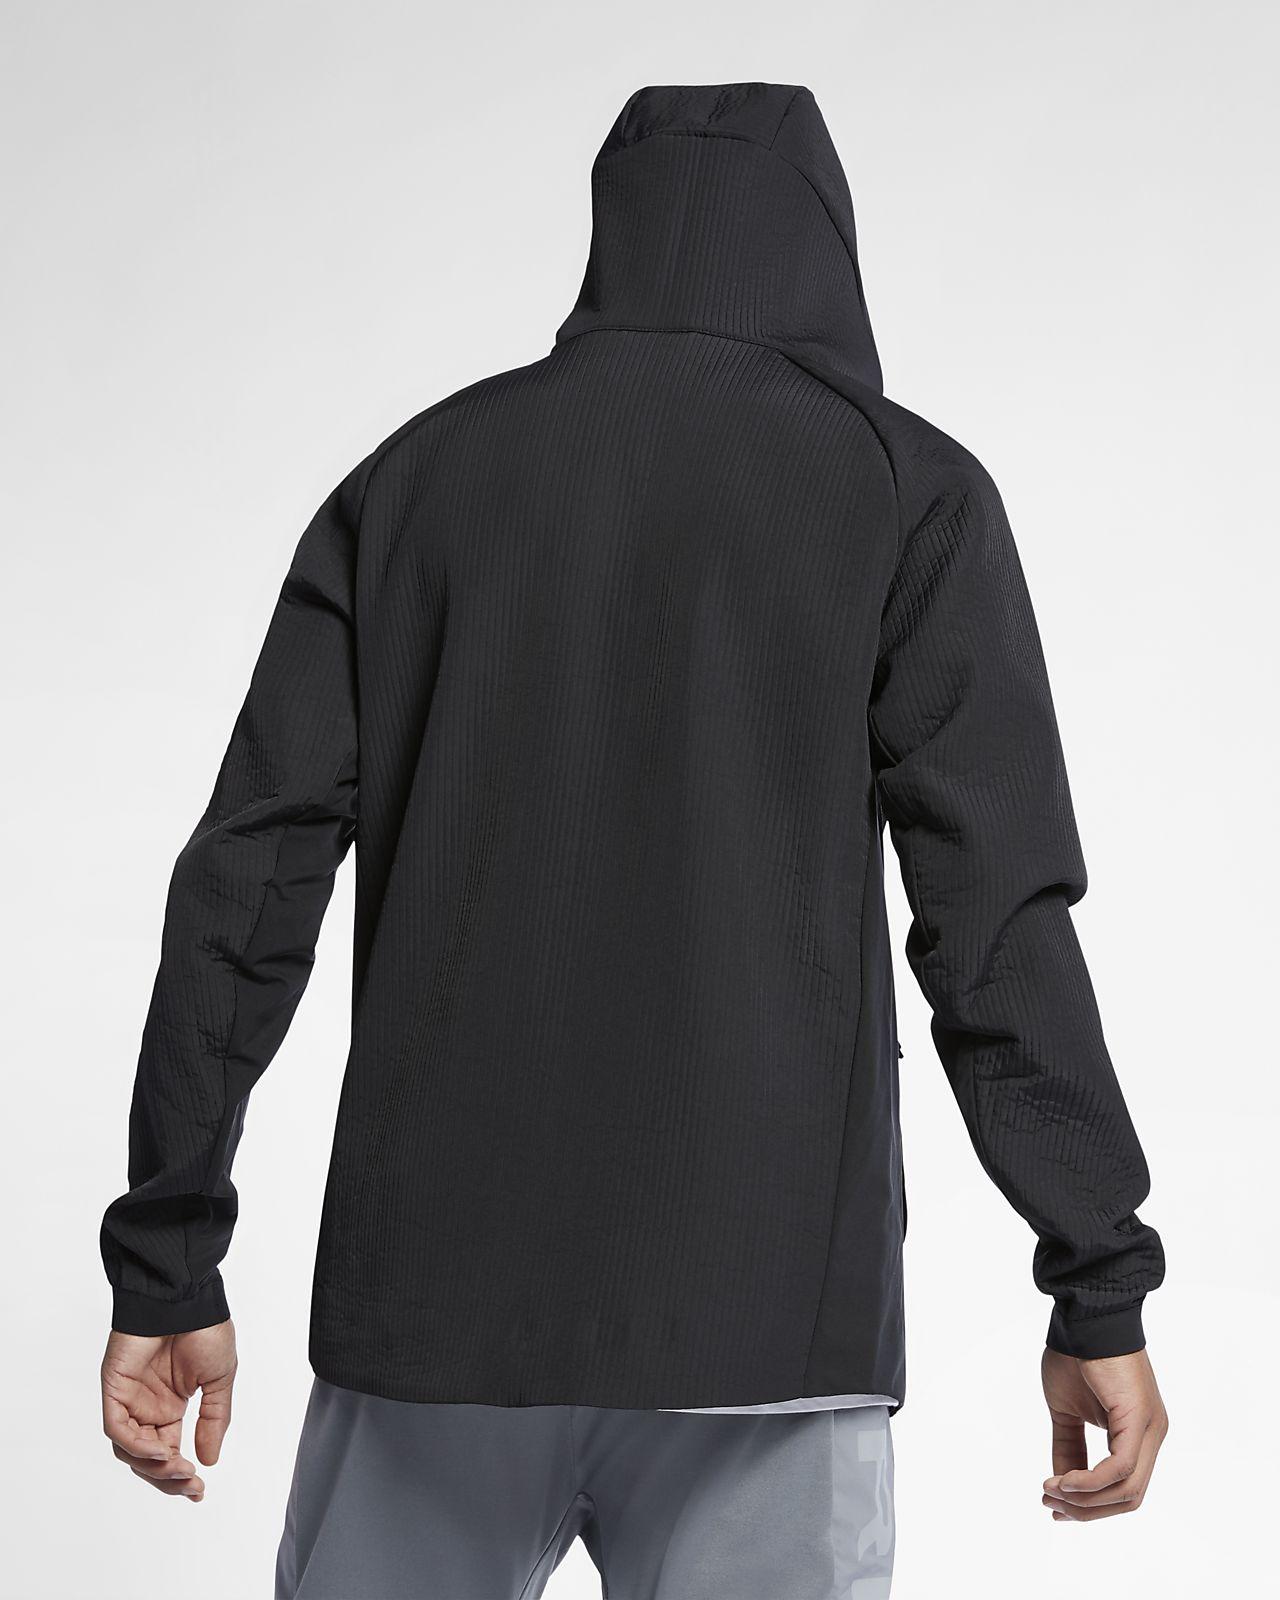 08819589ff22 Nike Sportswear Tech Pack Men s Woven Jacket. Nike.com CA